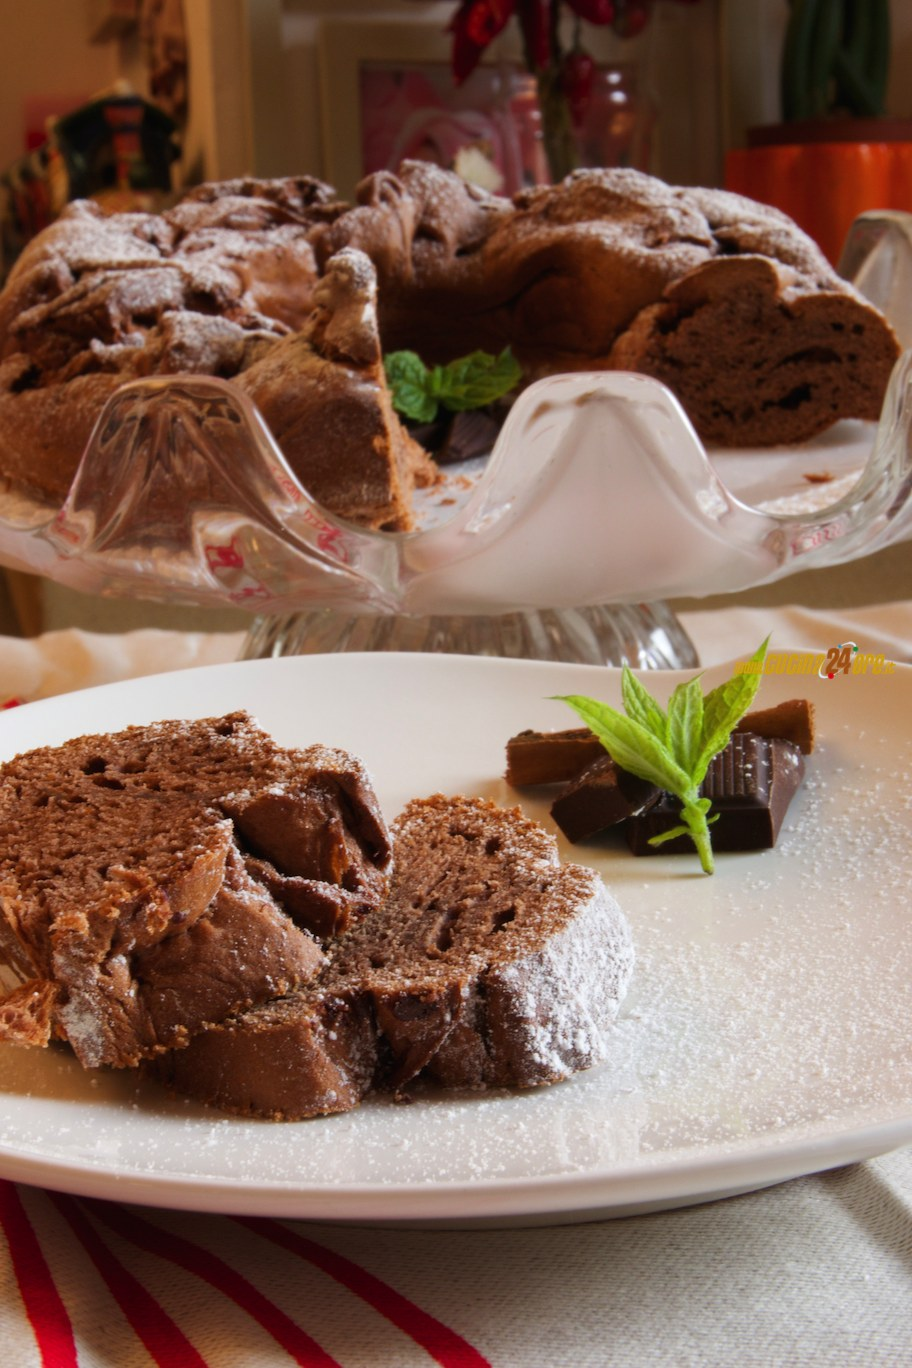 Leggero e Senza Glutine, il Ciambellone al Cioccolato Fondente